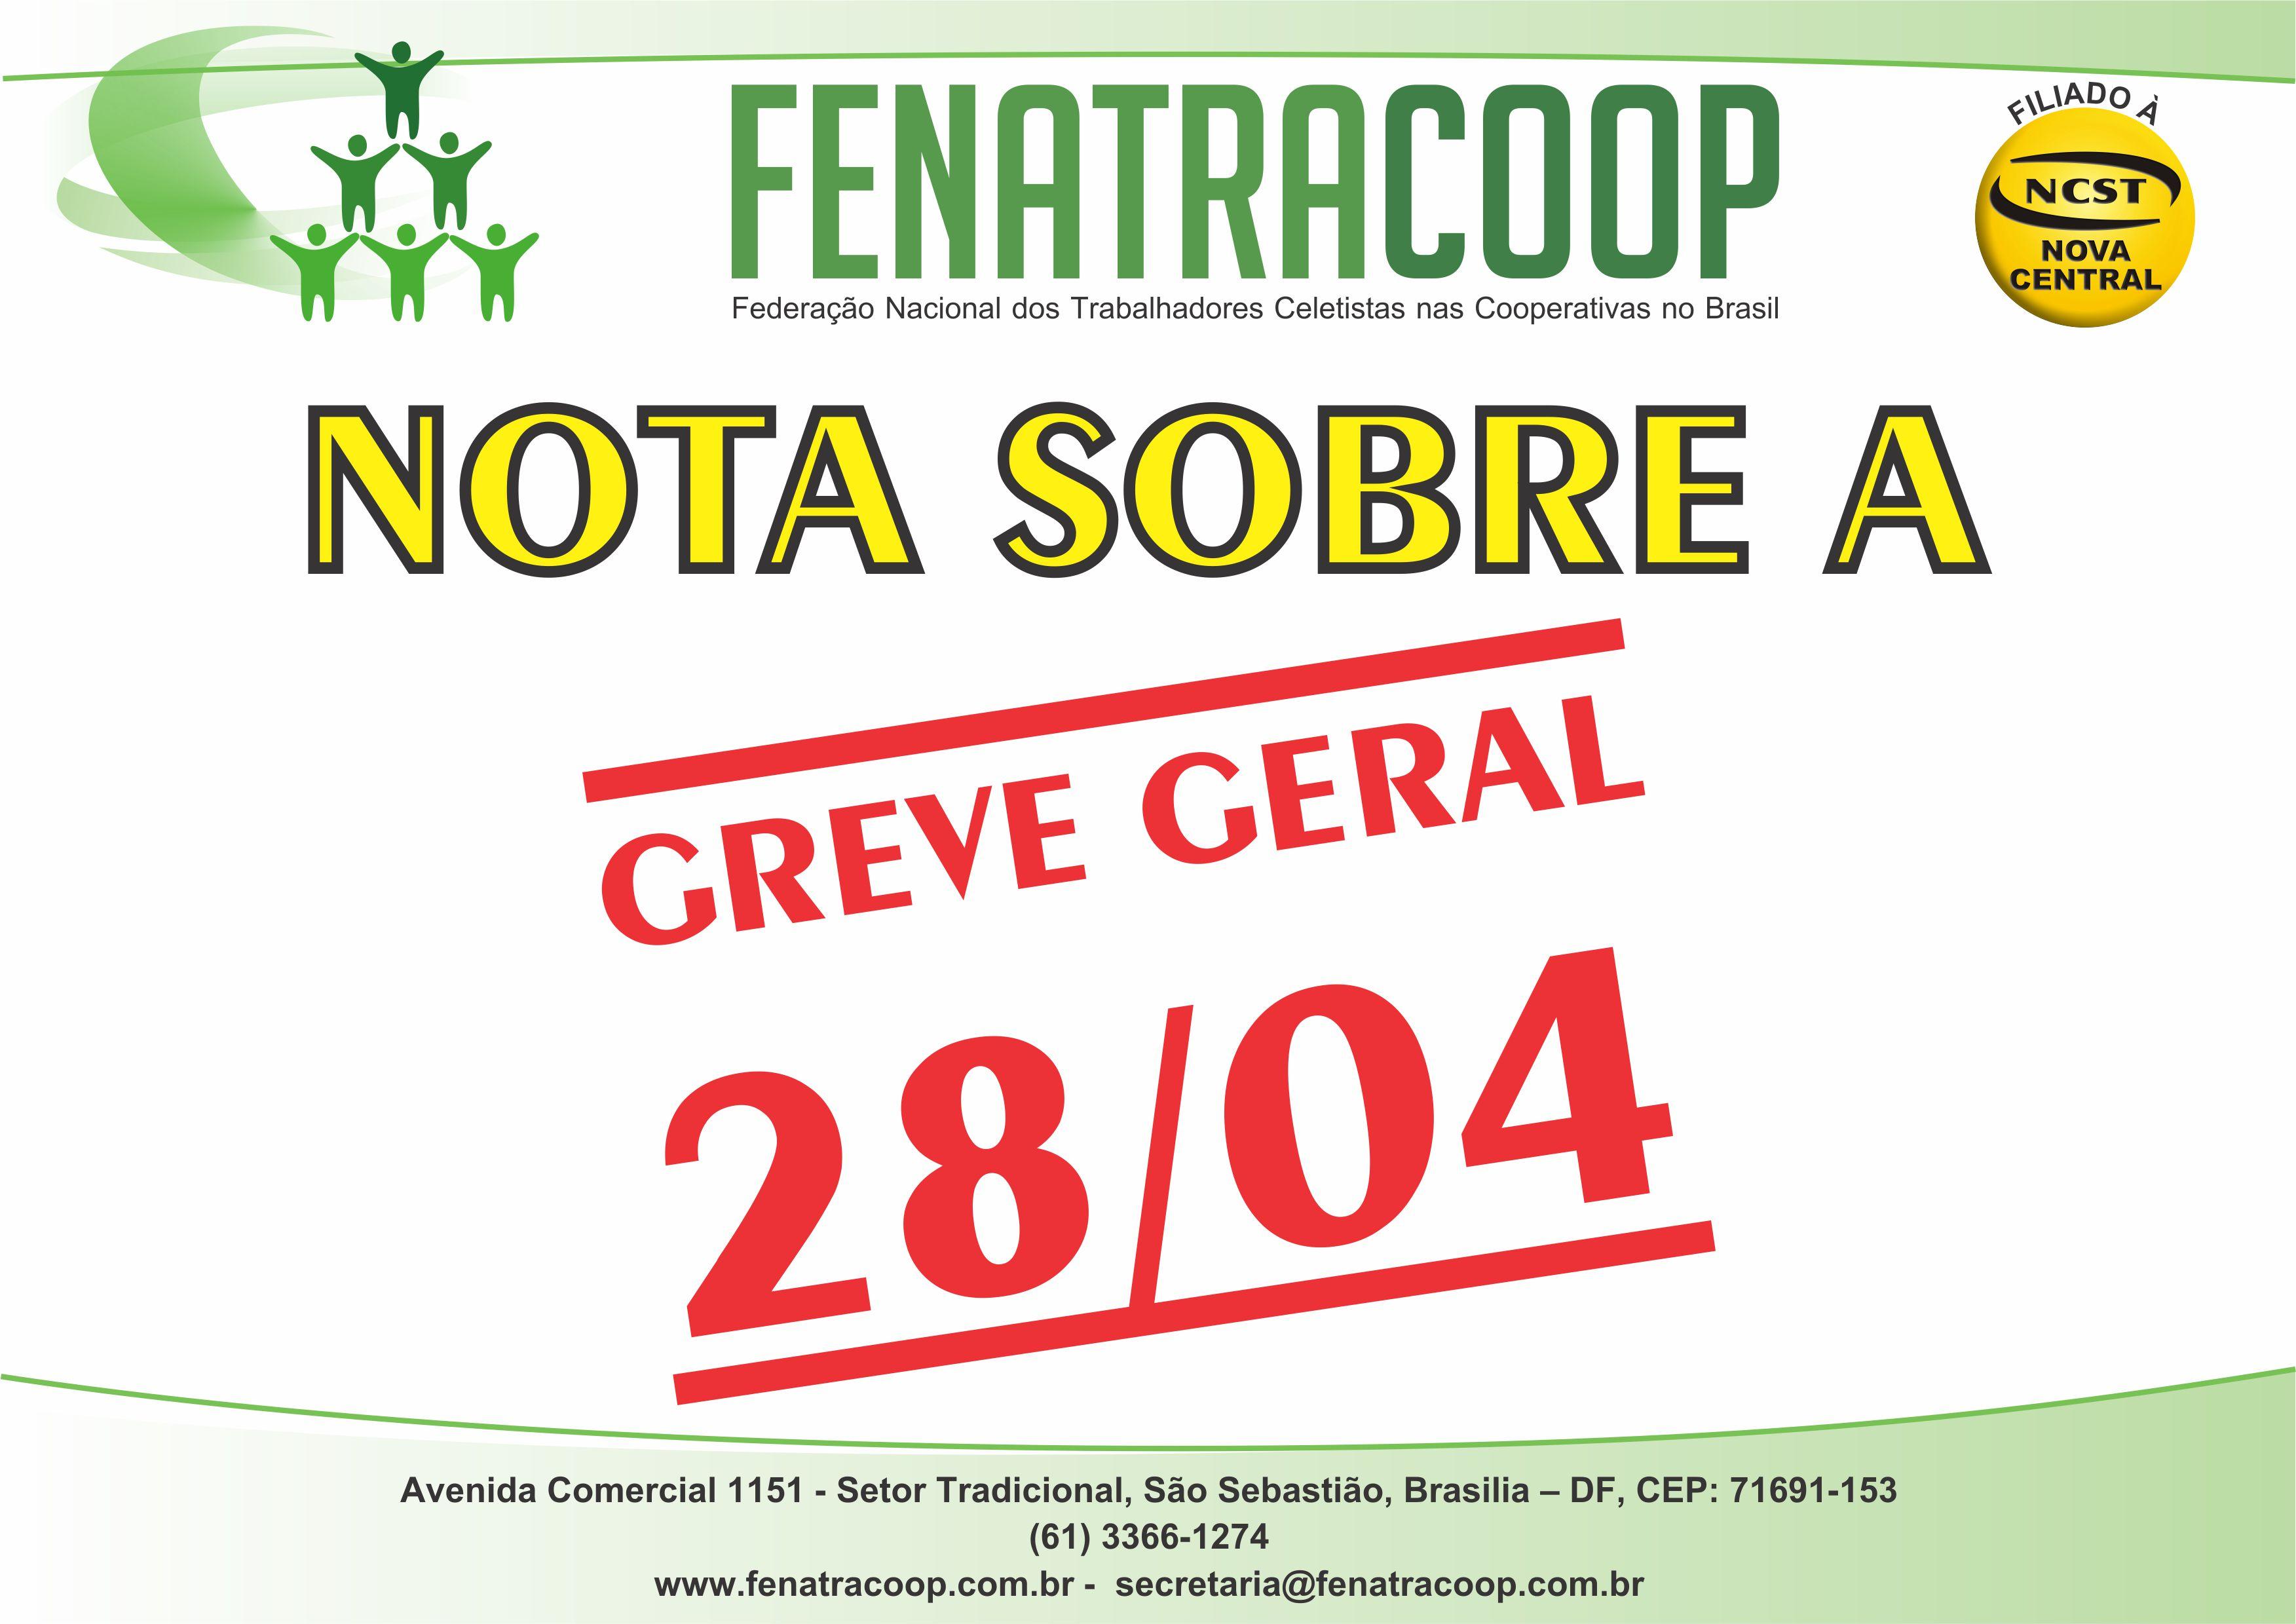 NOTA SOBRE A GREVE GERAL 28/04